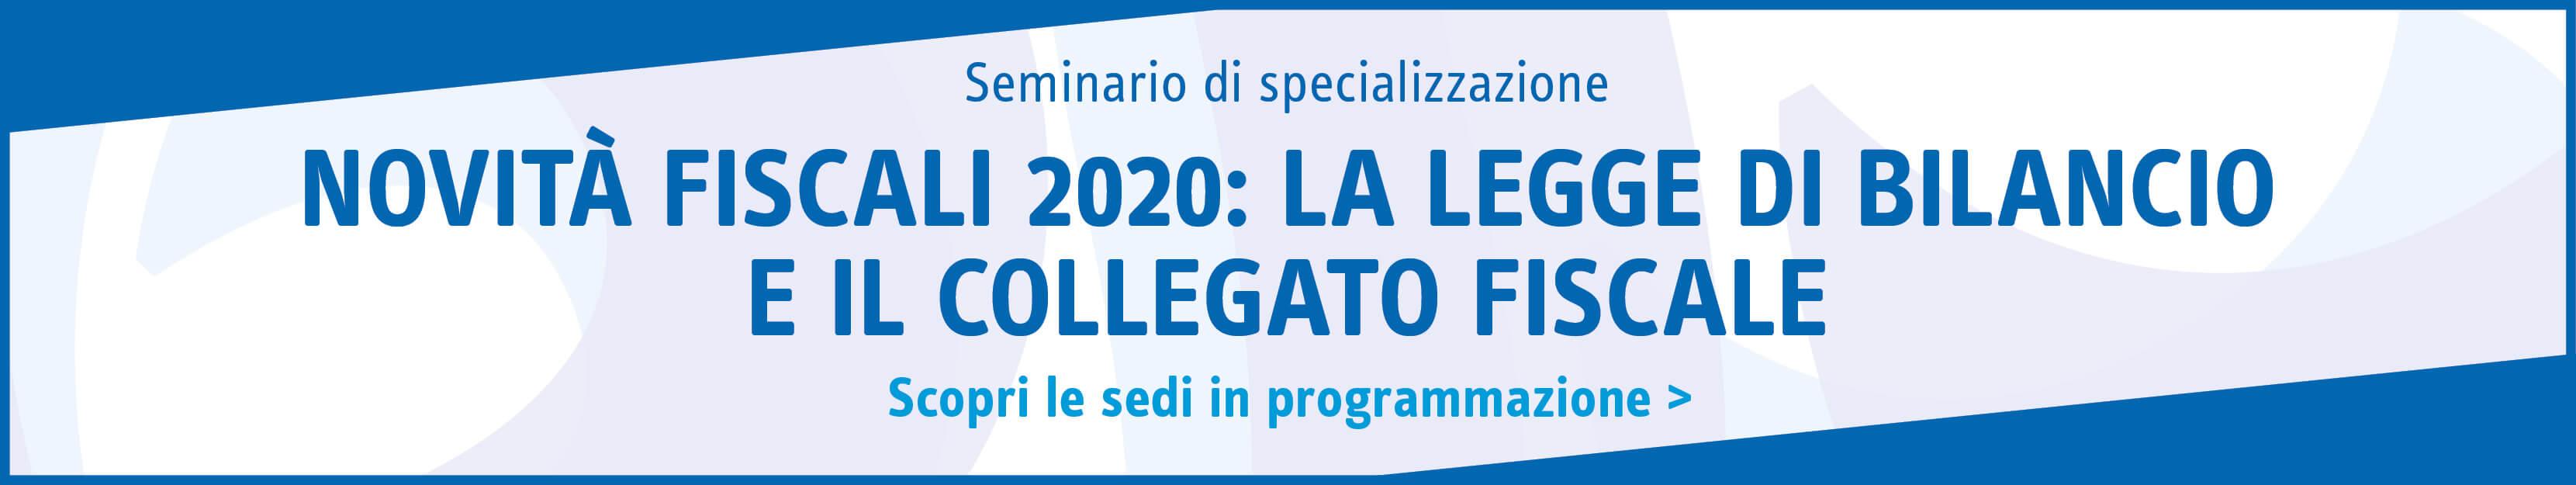 Novità fiscali 2020: la legge di bilancio e il collegato fiscale